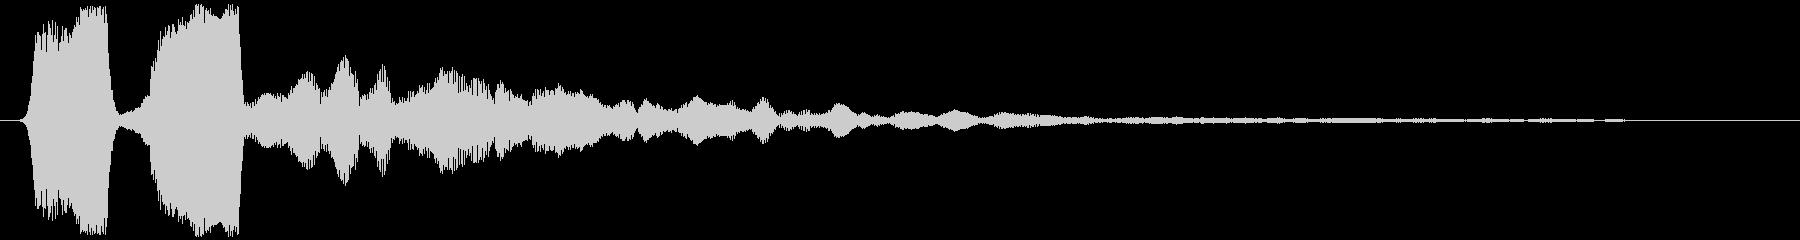 ソナー (戦闘艦、戦闘機等) ピィッッ…の未再生の波形